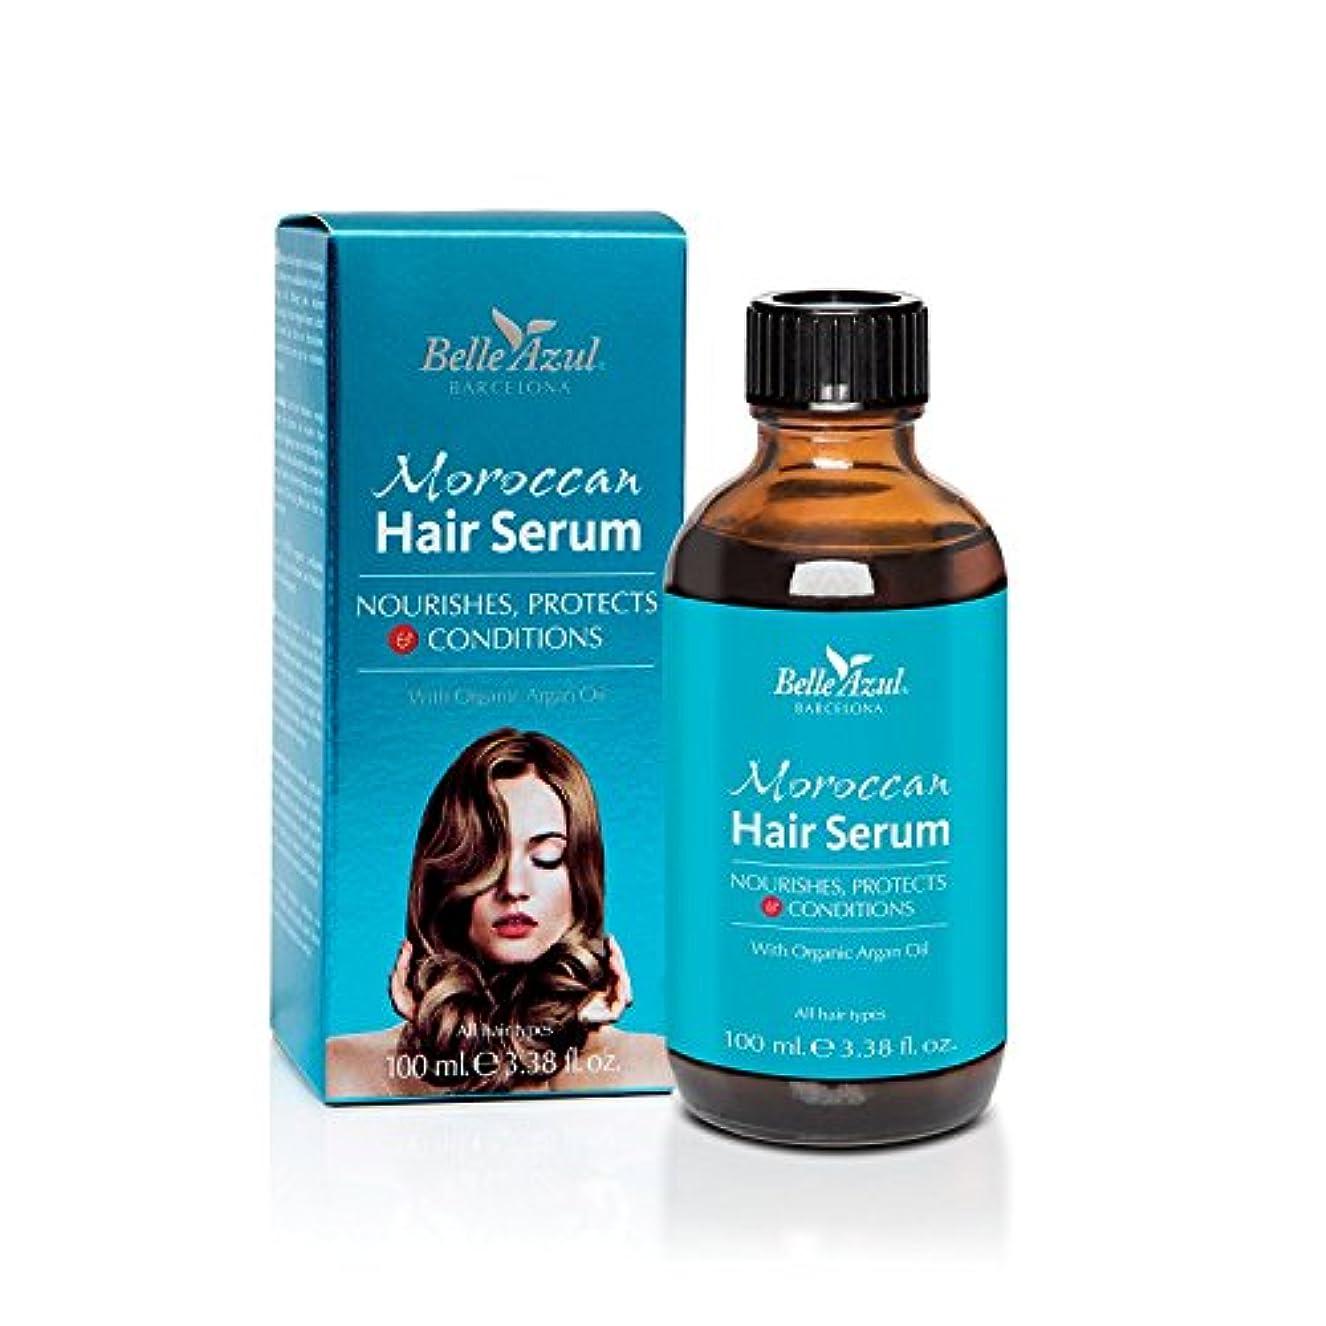 窓インテリアクレーンベルアスール (Belle Azul) モロッカン ヘア セラム 髪用 美容液 アルガンオイル 配合